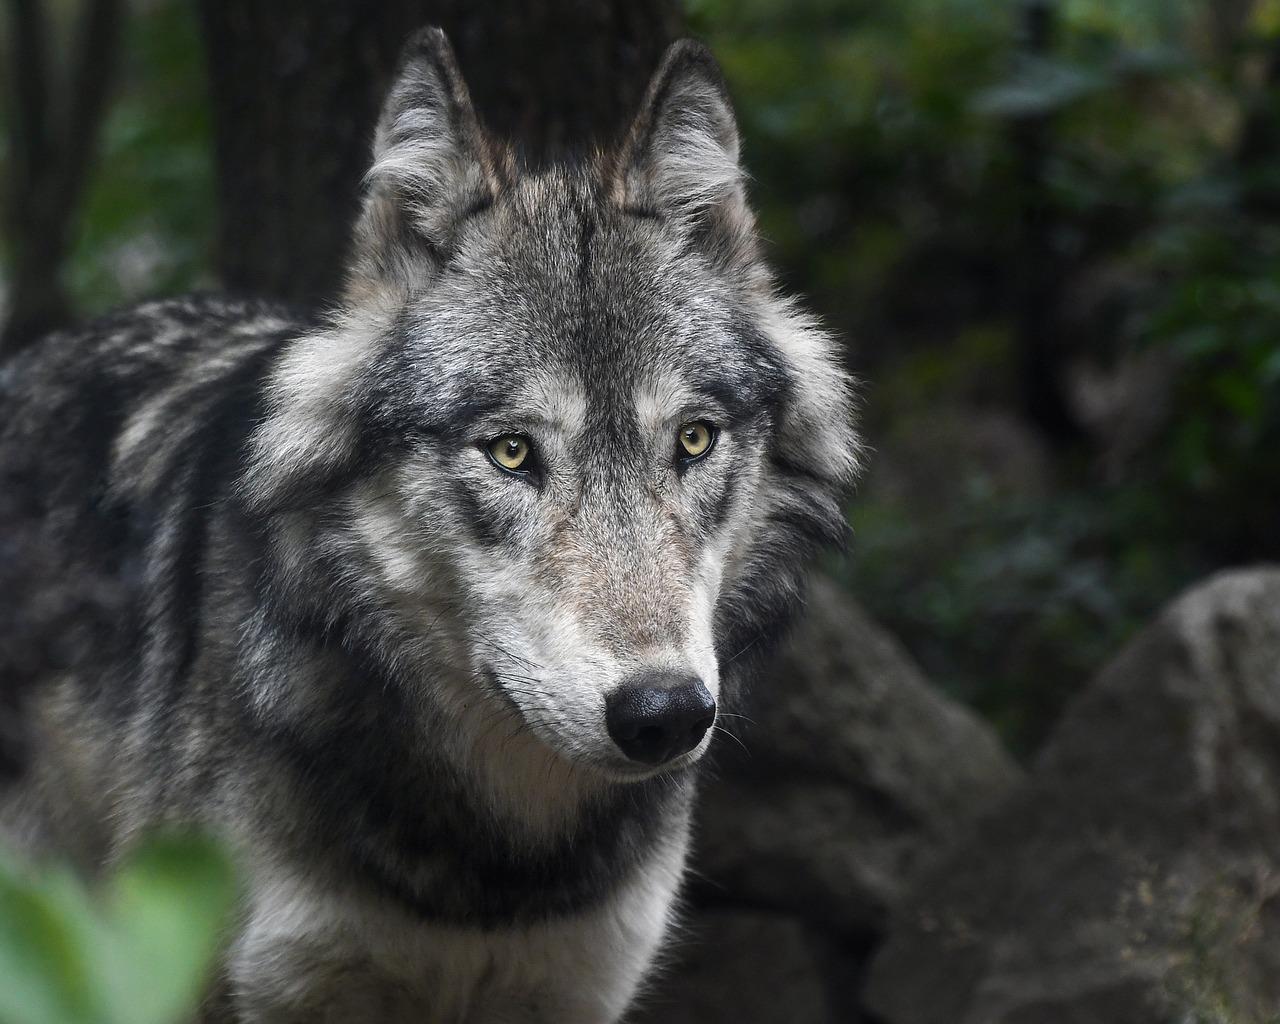 Zezwolili na płoszenie wilków. Zachowajcie ostrożność! - Zdjęcie główne